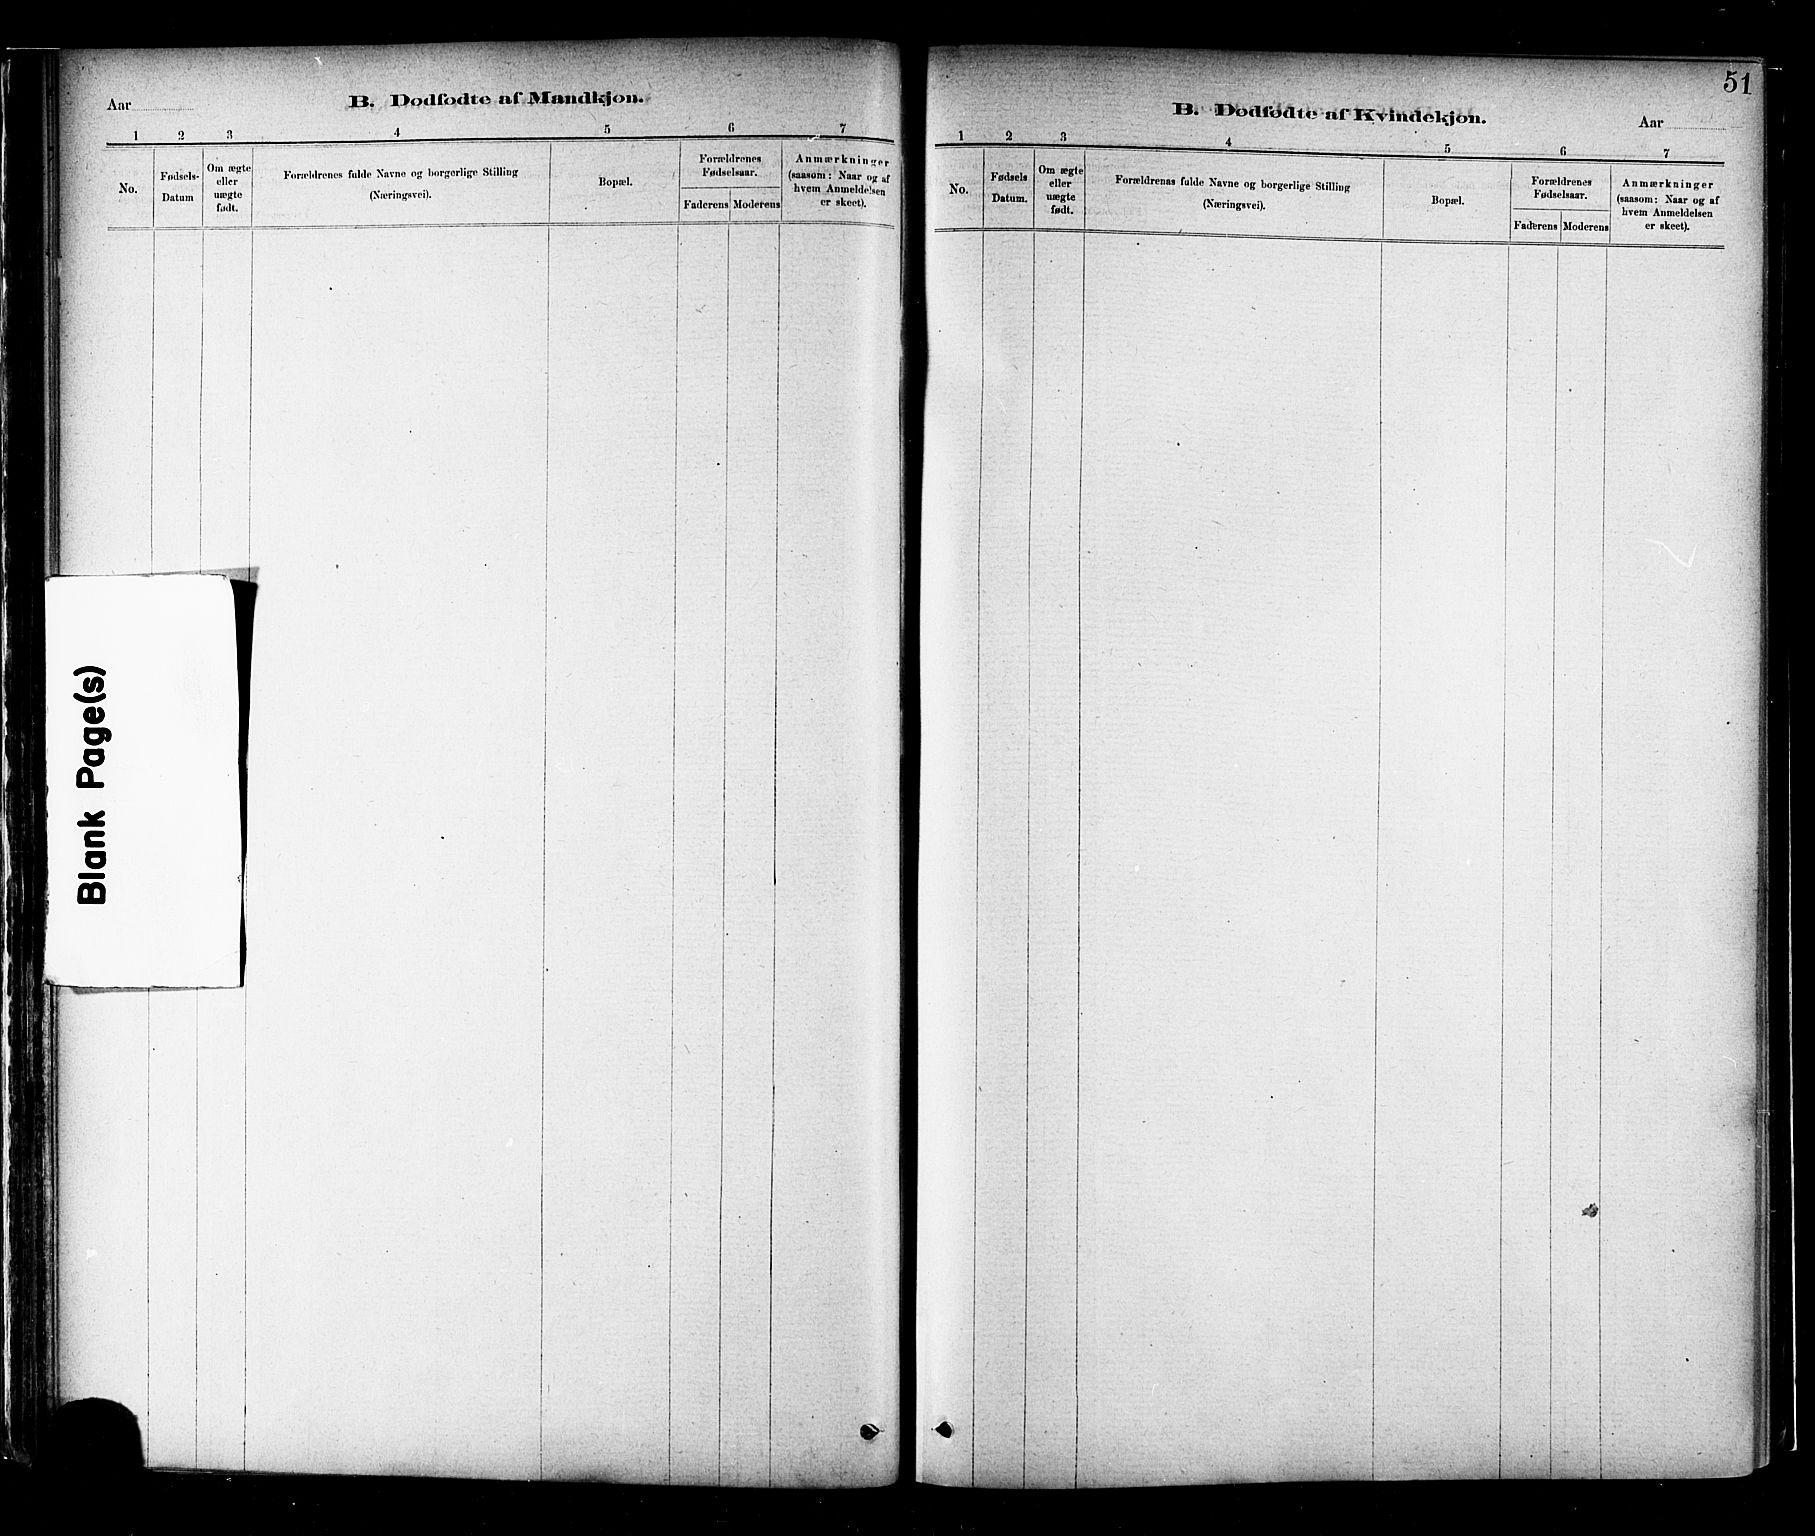 SAT, Ministerialprotokoller, klokkerbøker og fødselsregistre - Nord-Trøndelag, 706/L0047: Parish register (official) no. 706A03, 1878-1892, p. 51